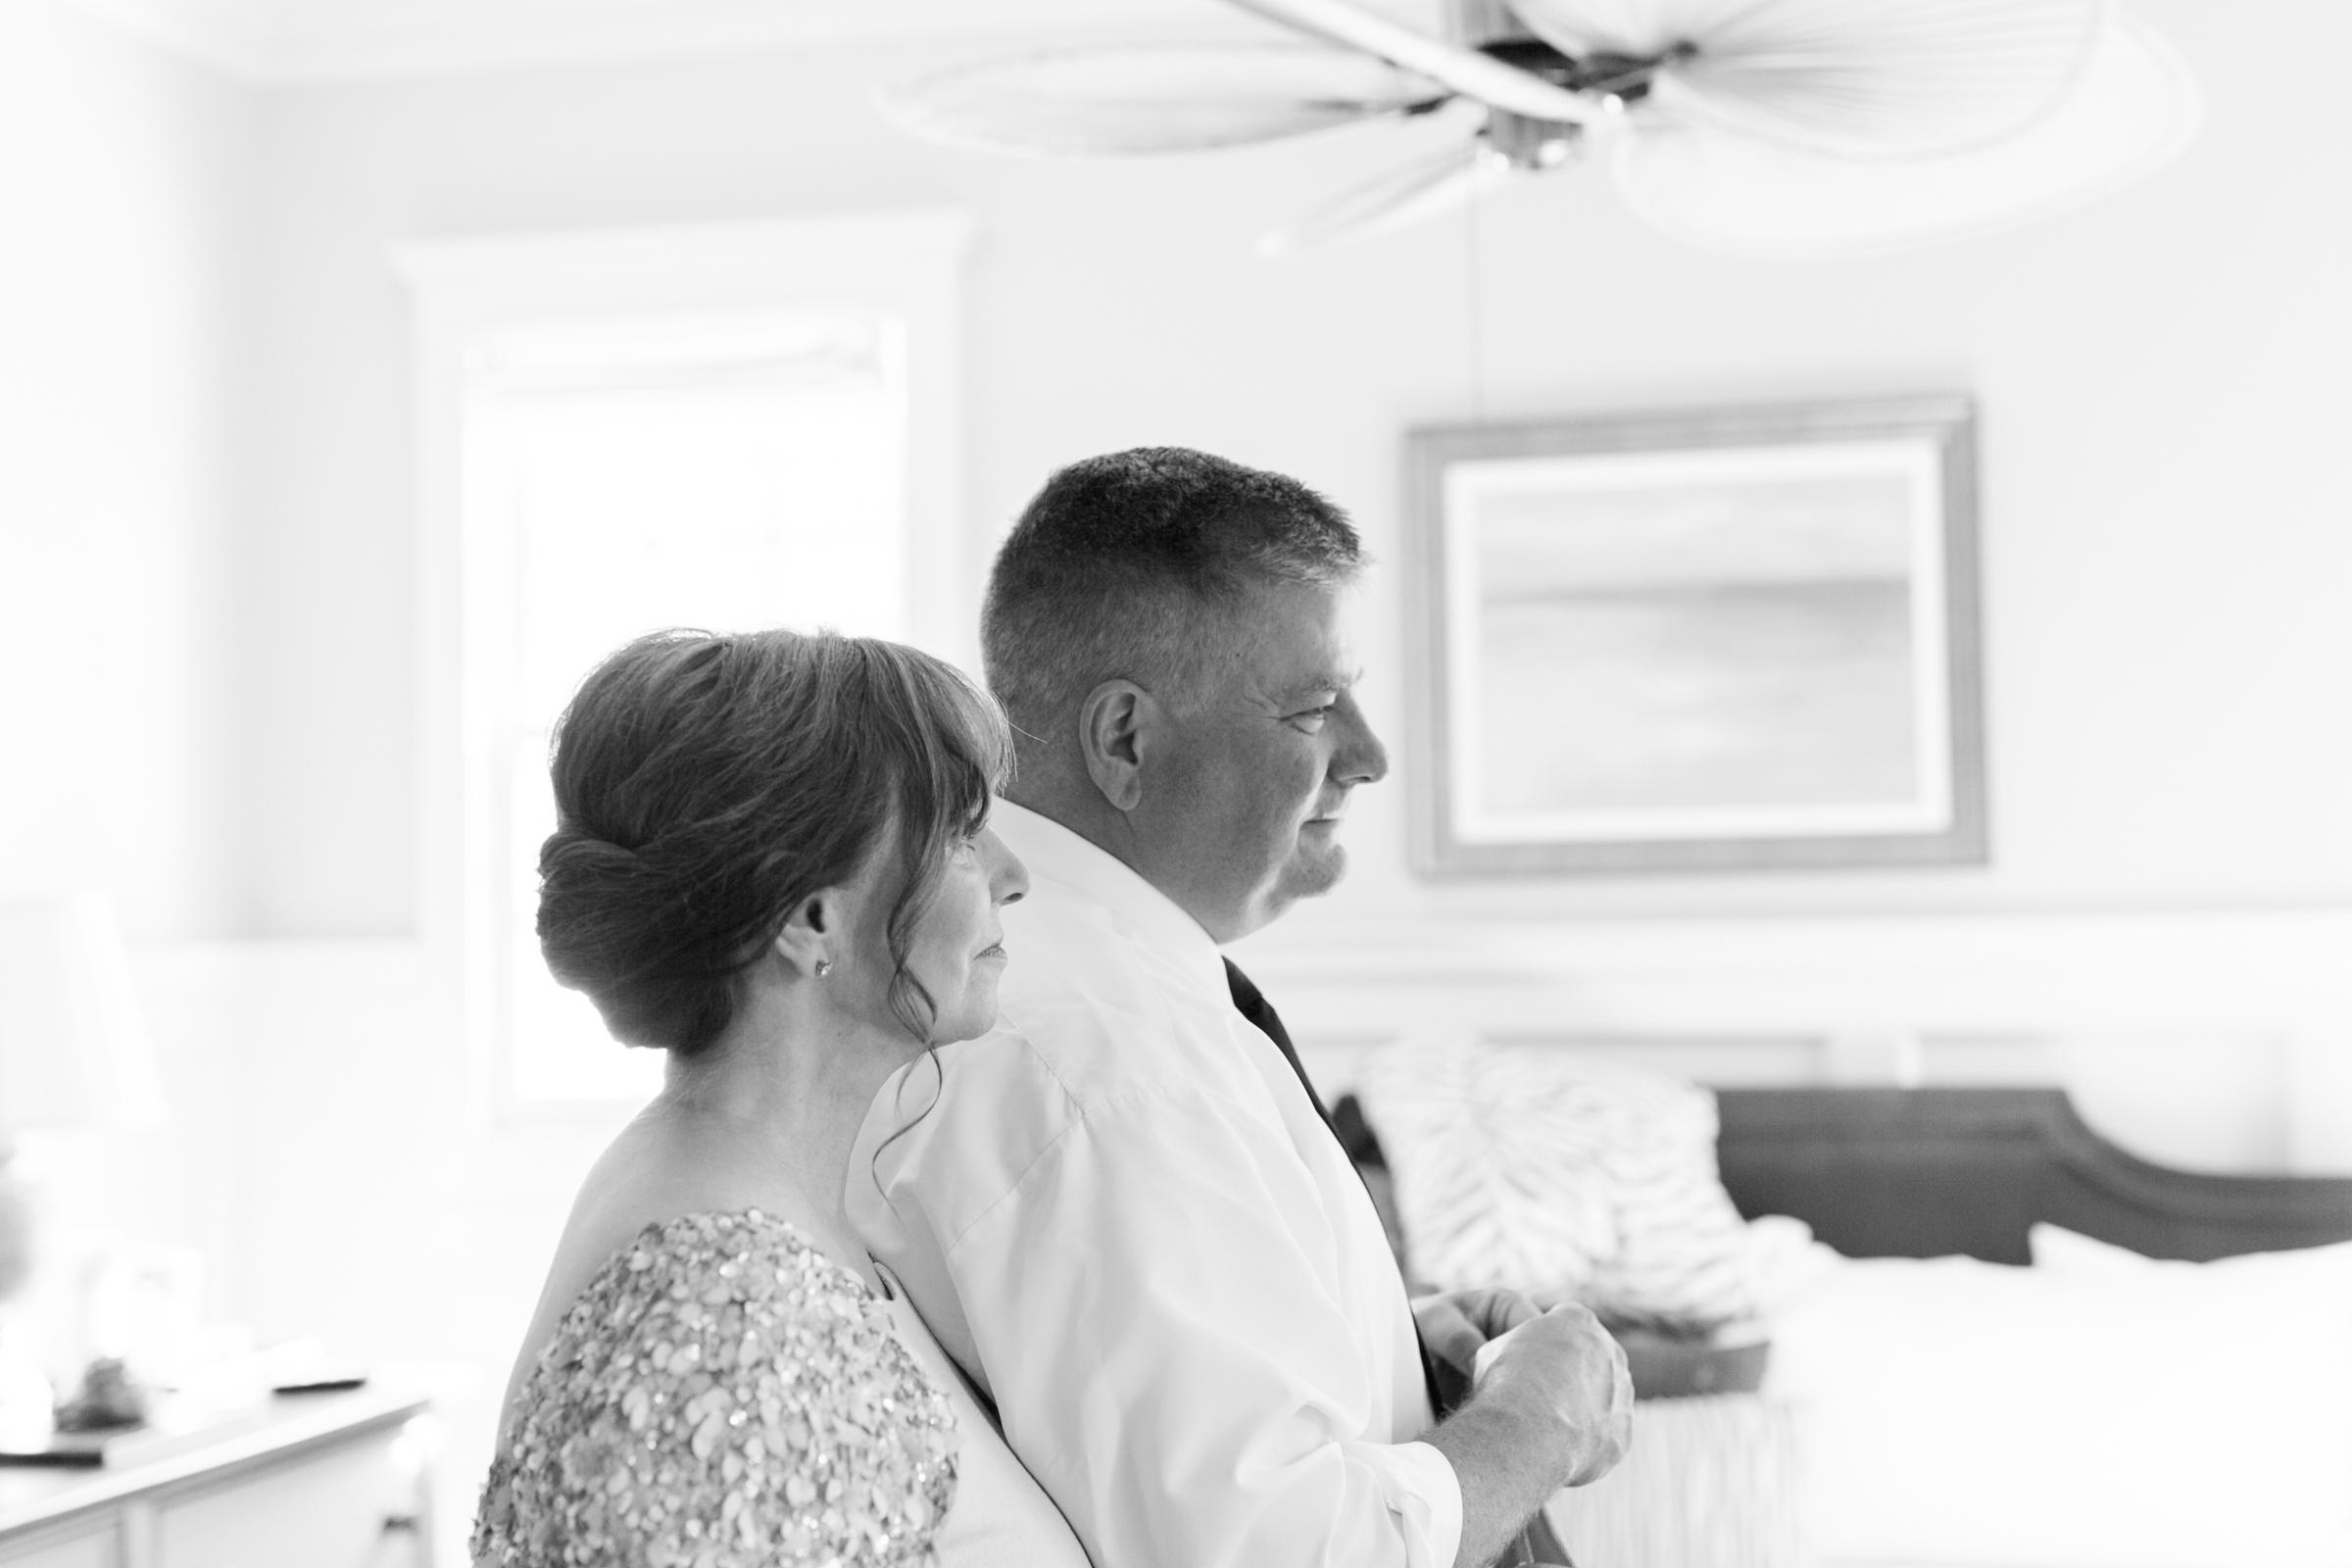 rosemary_beach_wedding_photographer_shannon_griffin_0009.jpg